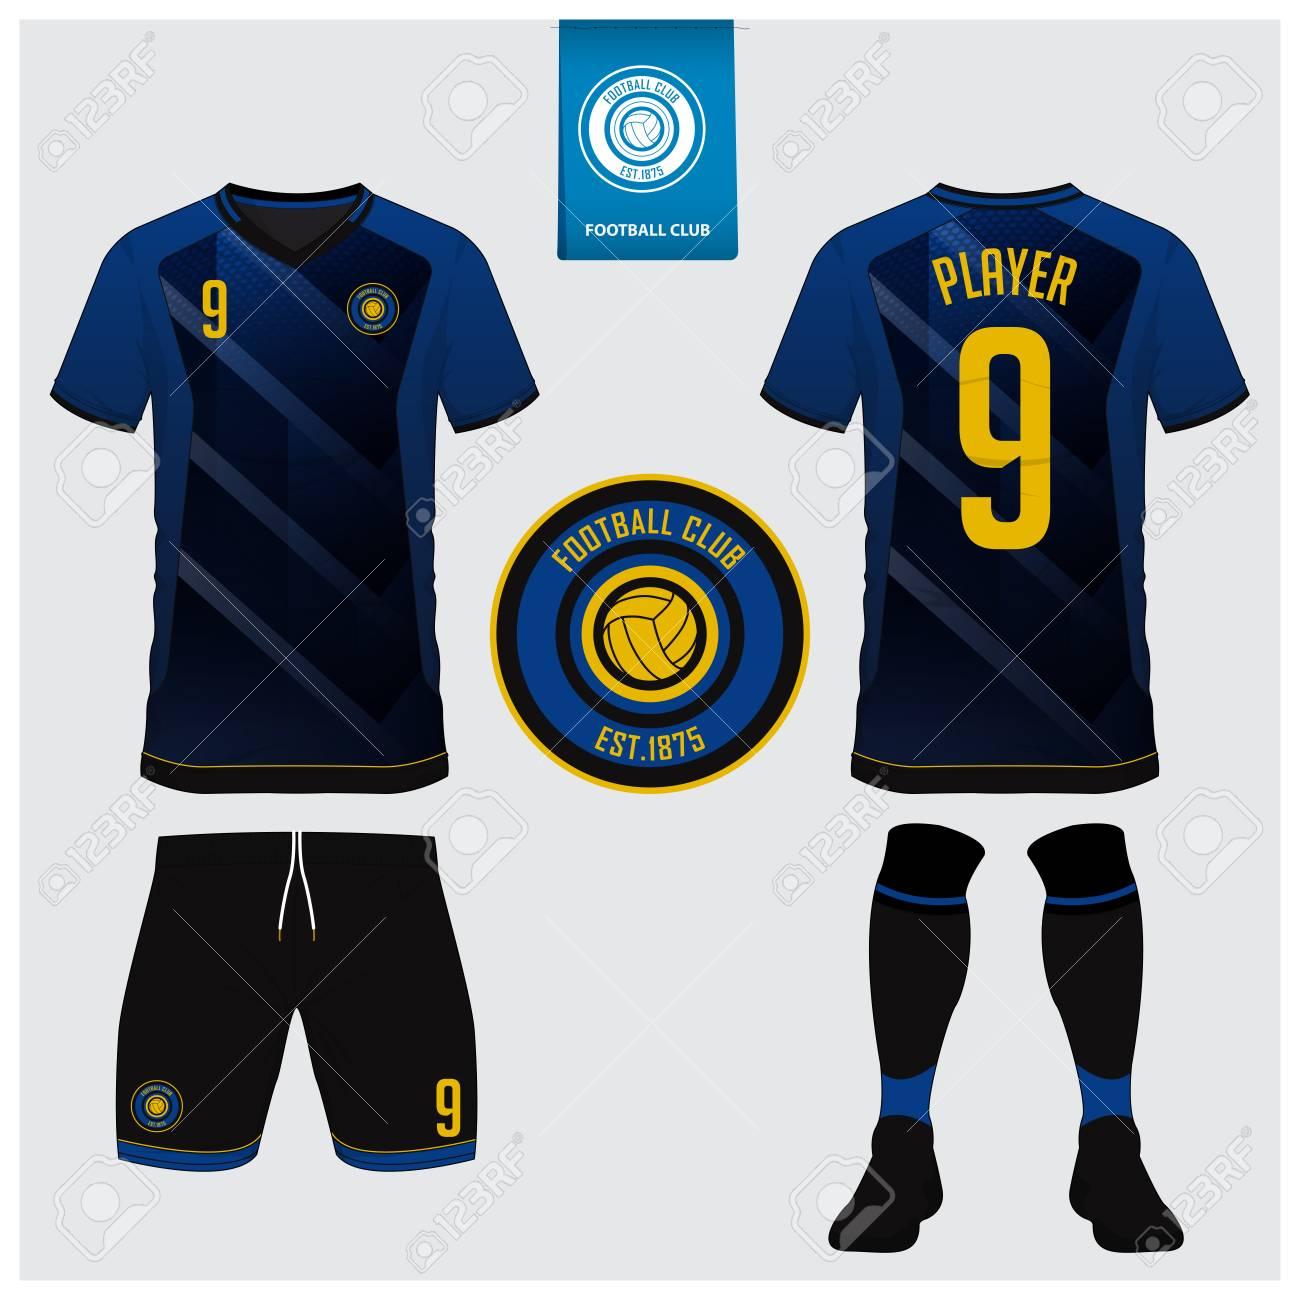 fabdece3272 Soccer Jersey